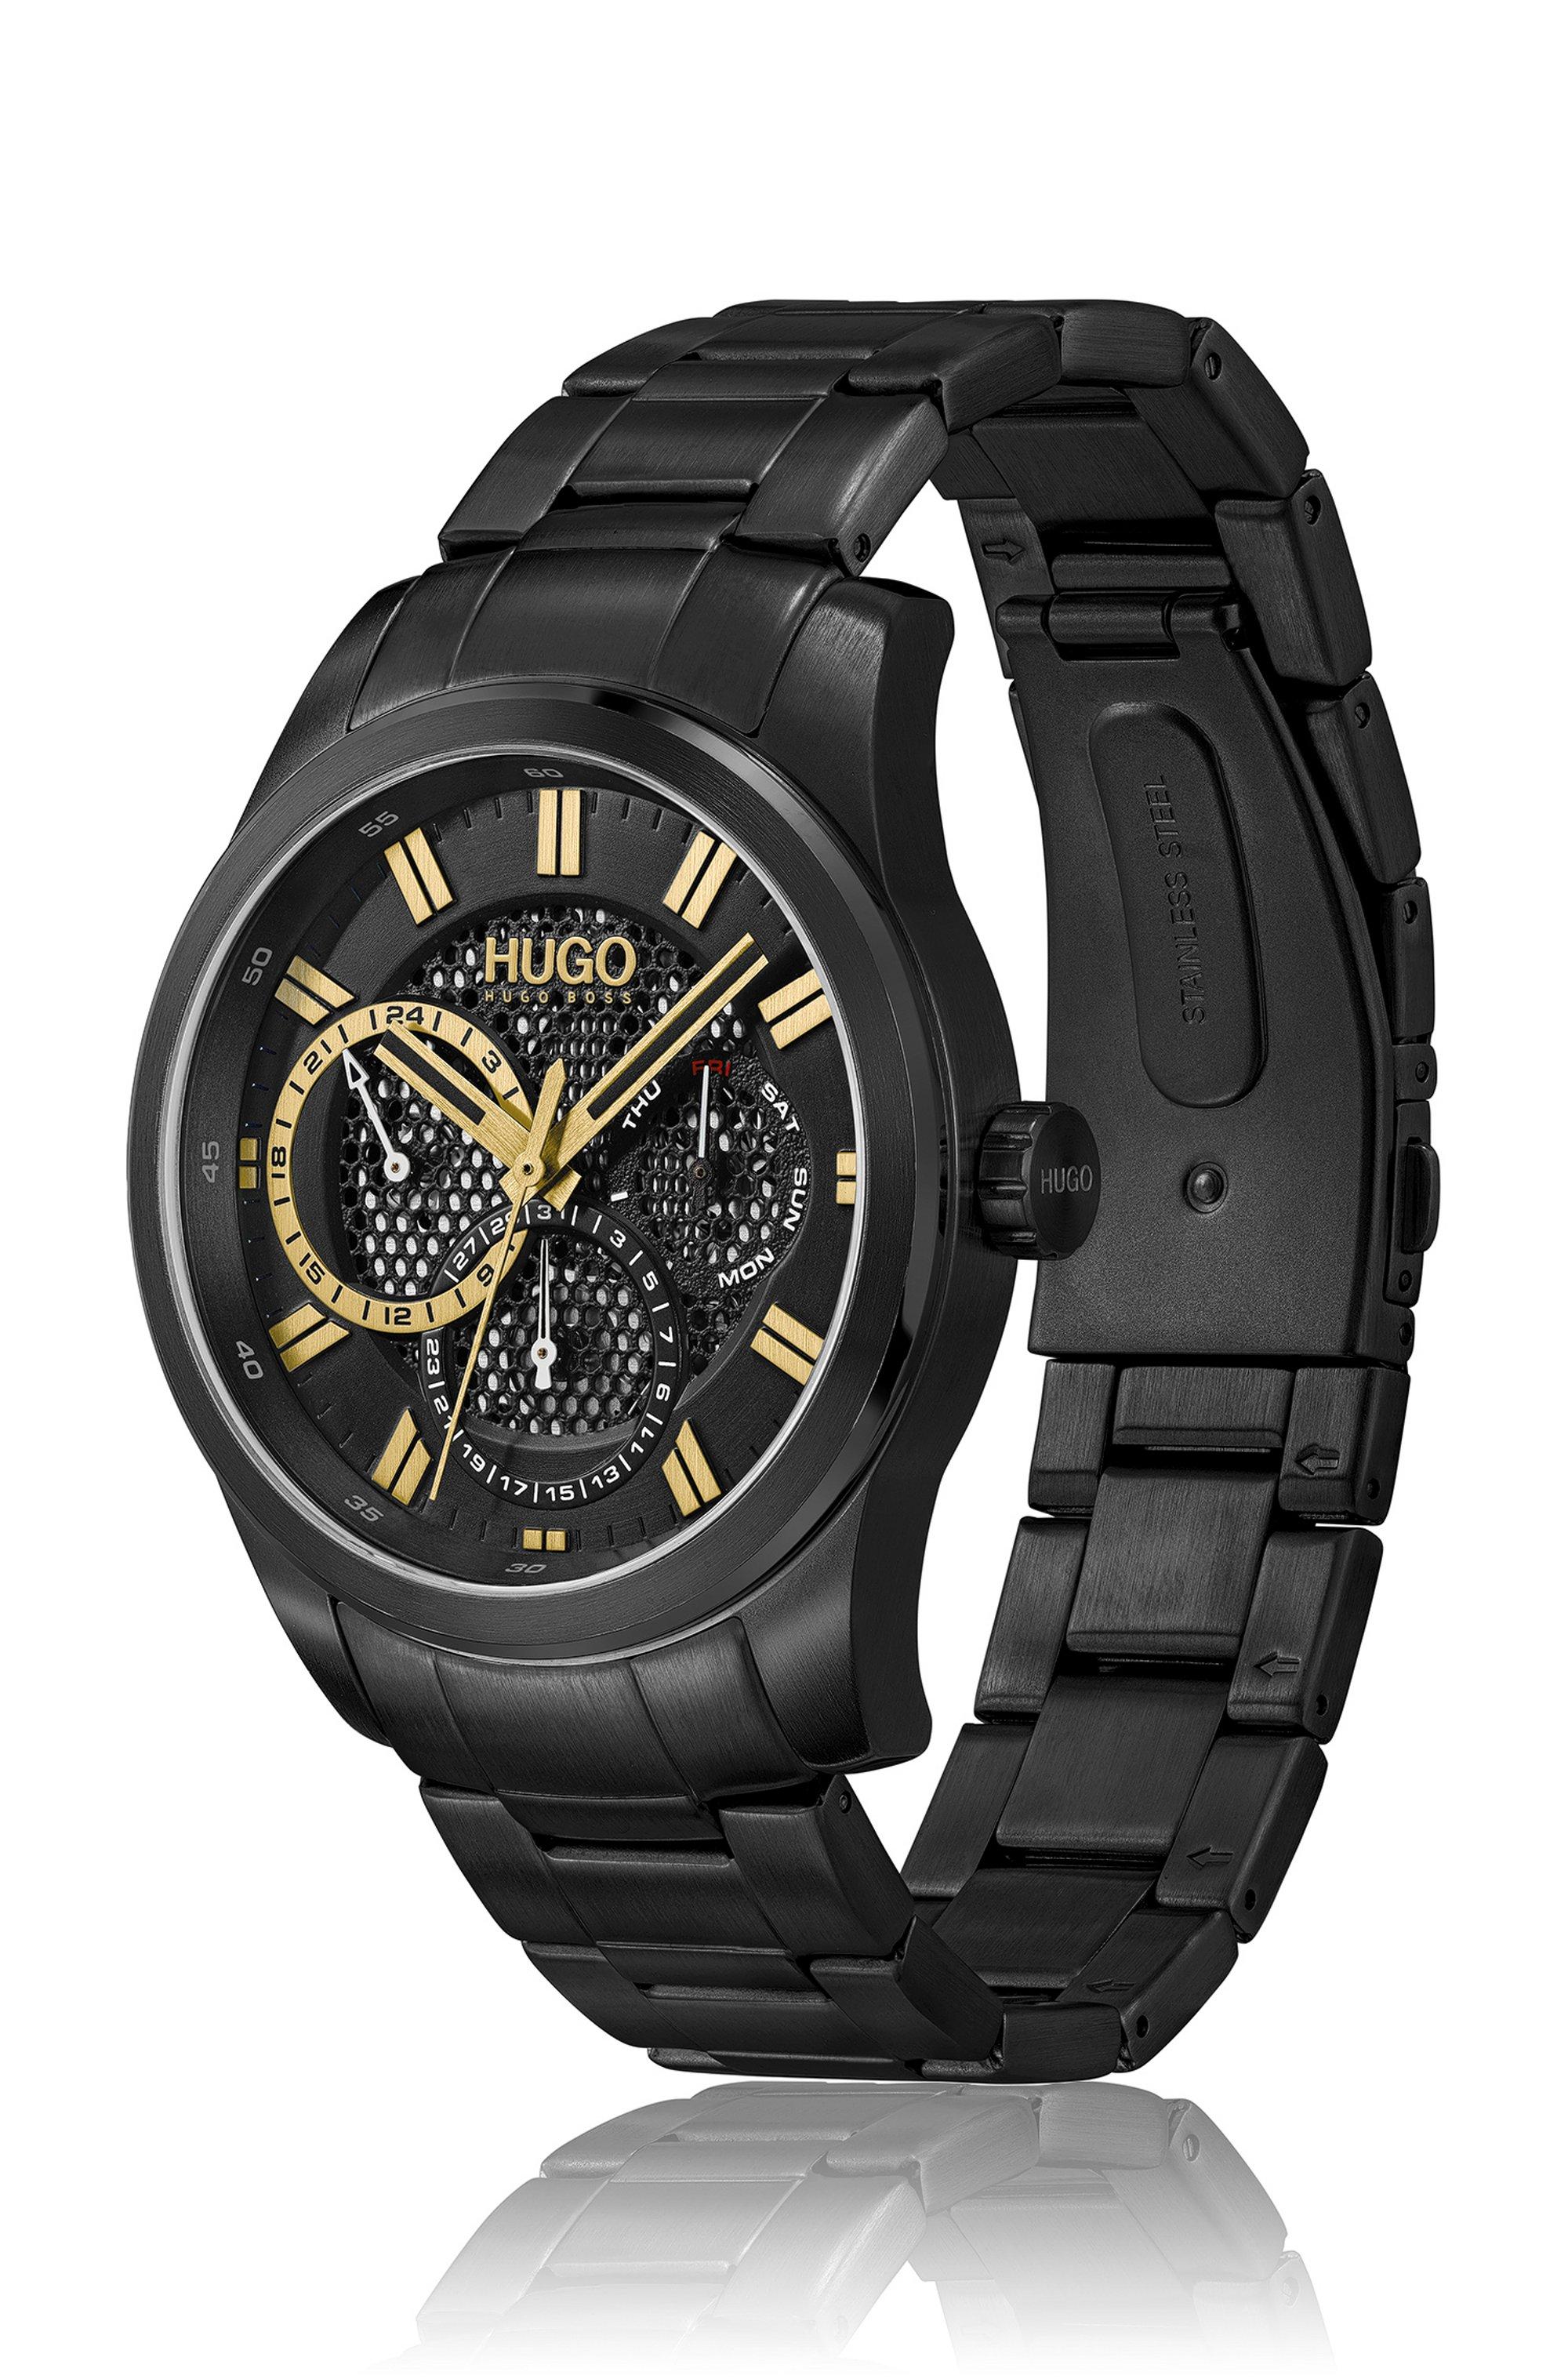 Schwarz beschichtete Uhr mit Zifferblatt in Mesh-Optik